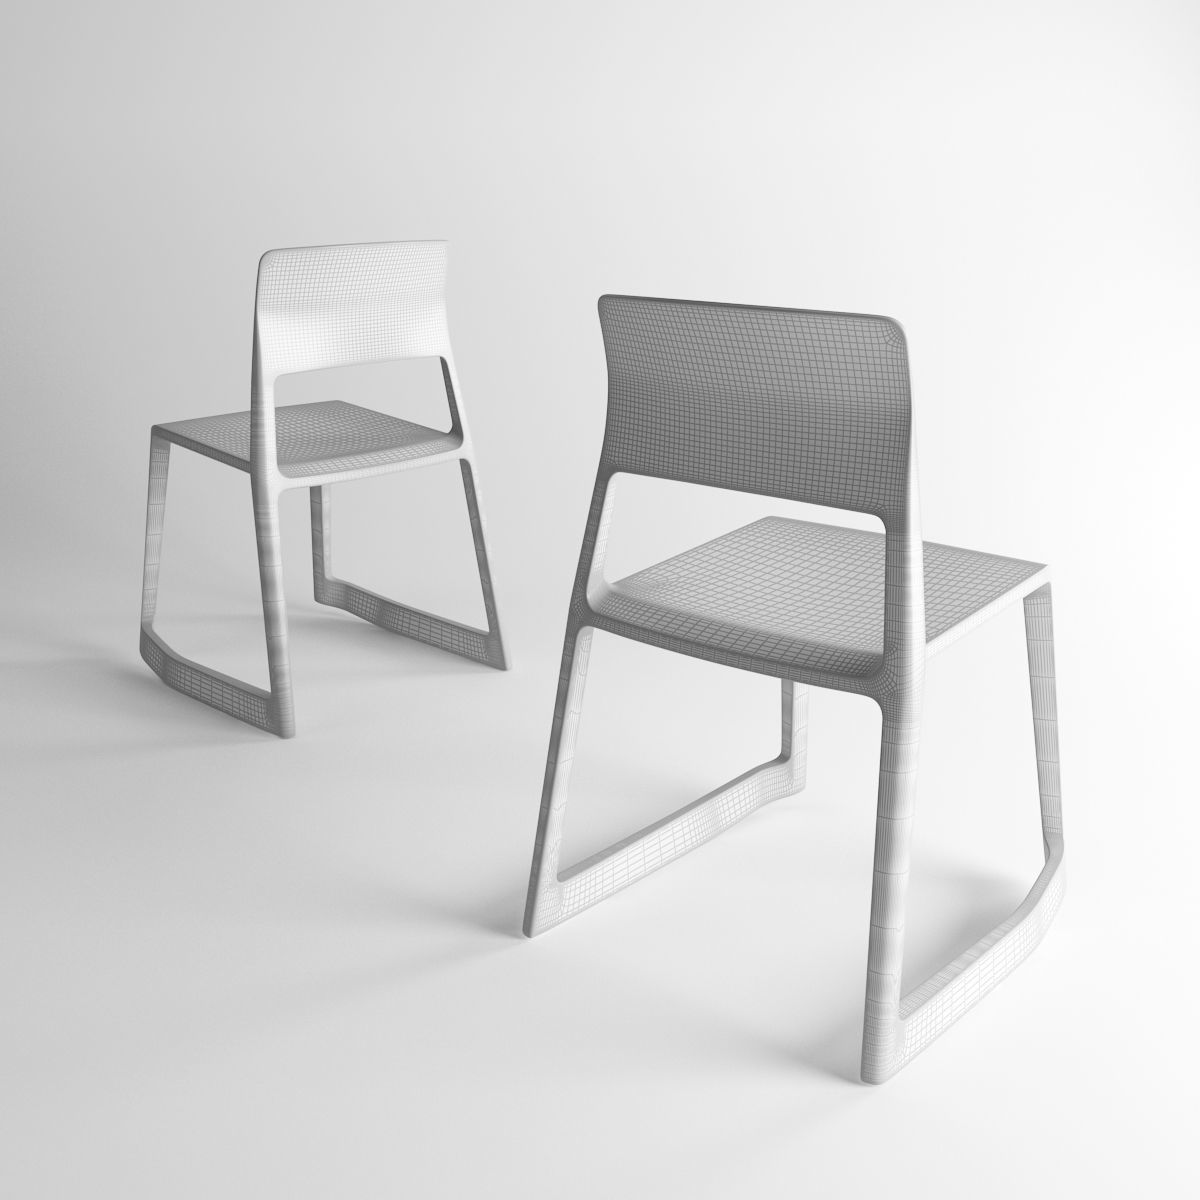 Charmant Vitra Tip Ton Chair